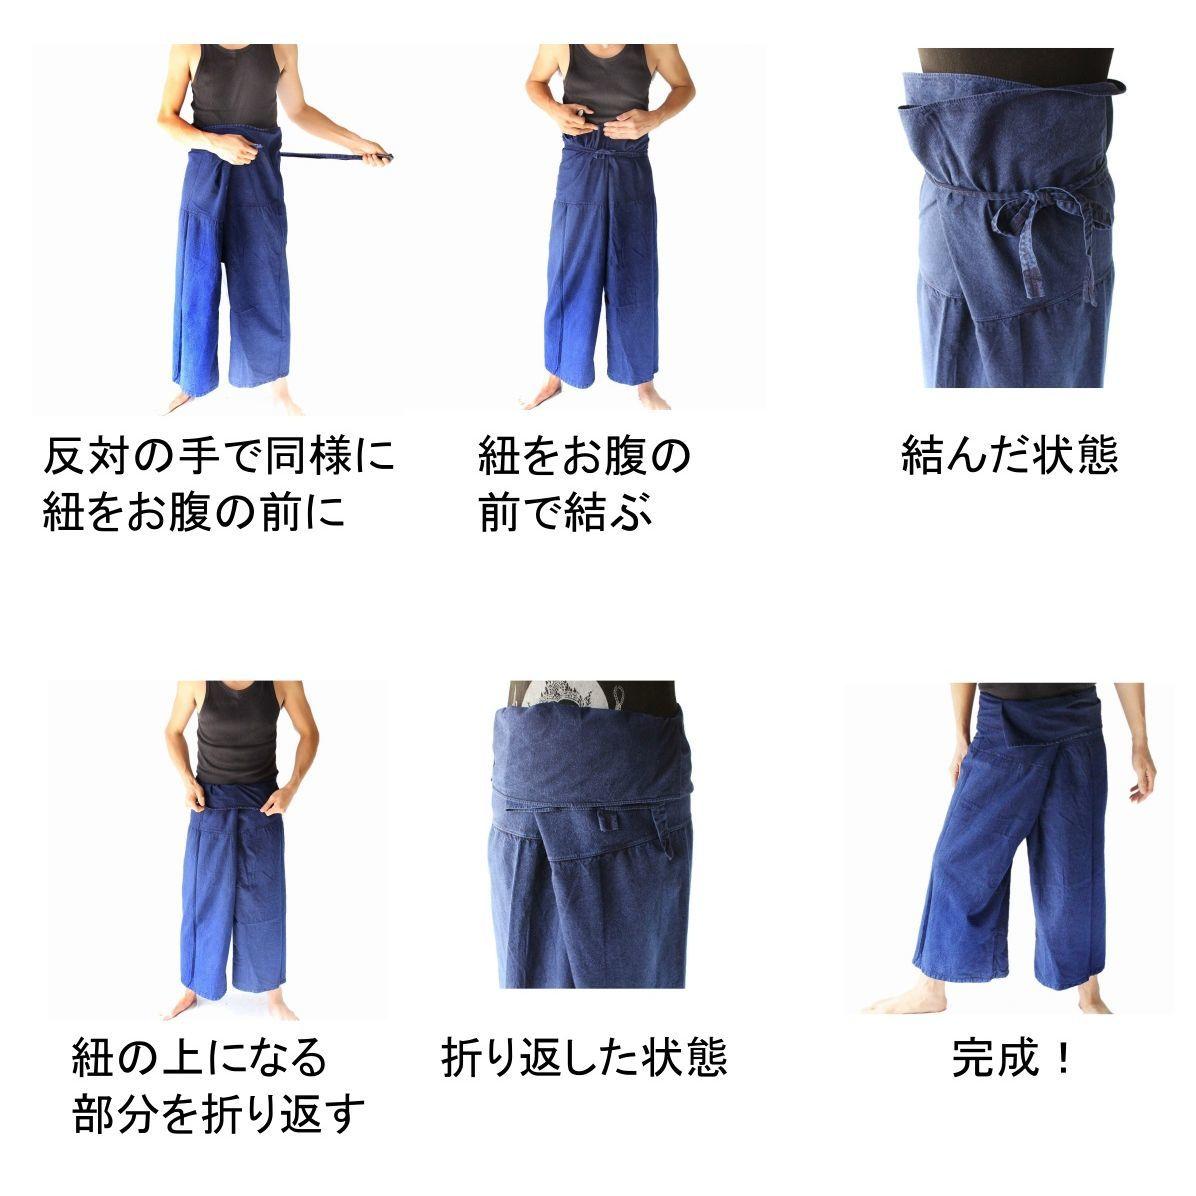 新品 インディゴ染ハーフタイパンツ メンズ レディース 兼用 Lサイズ ポケット付 エスニック ワイドパンツ_画像8